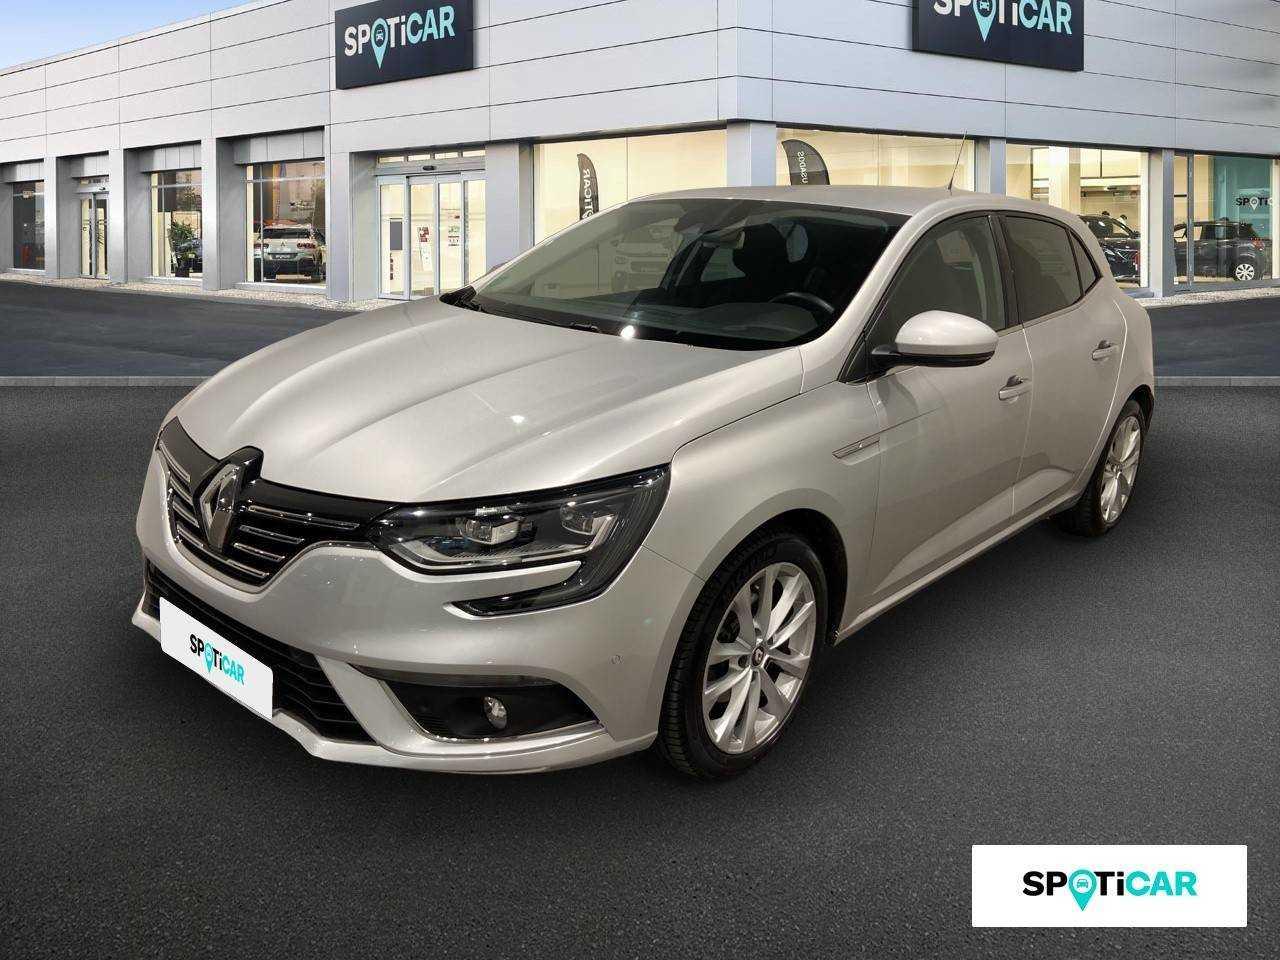 Renault Megane ocasión segunda mano 2019 Gasolina por 14.990€ en Zaragoza